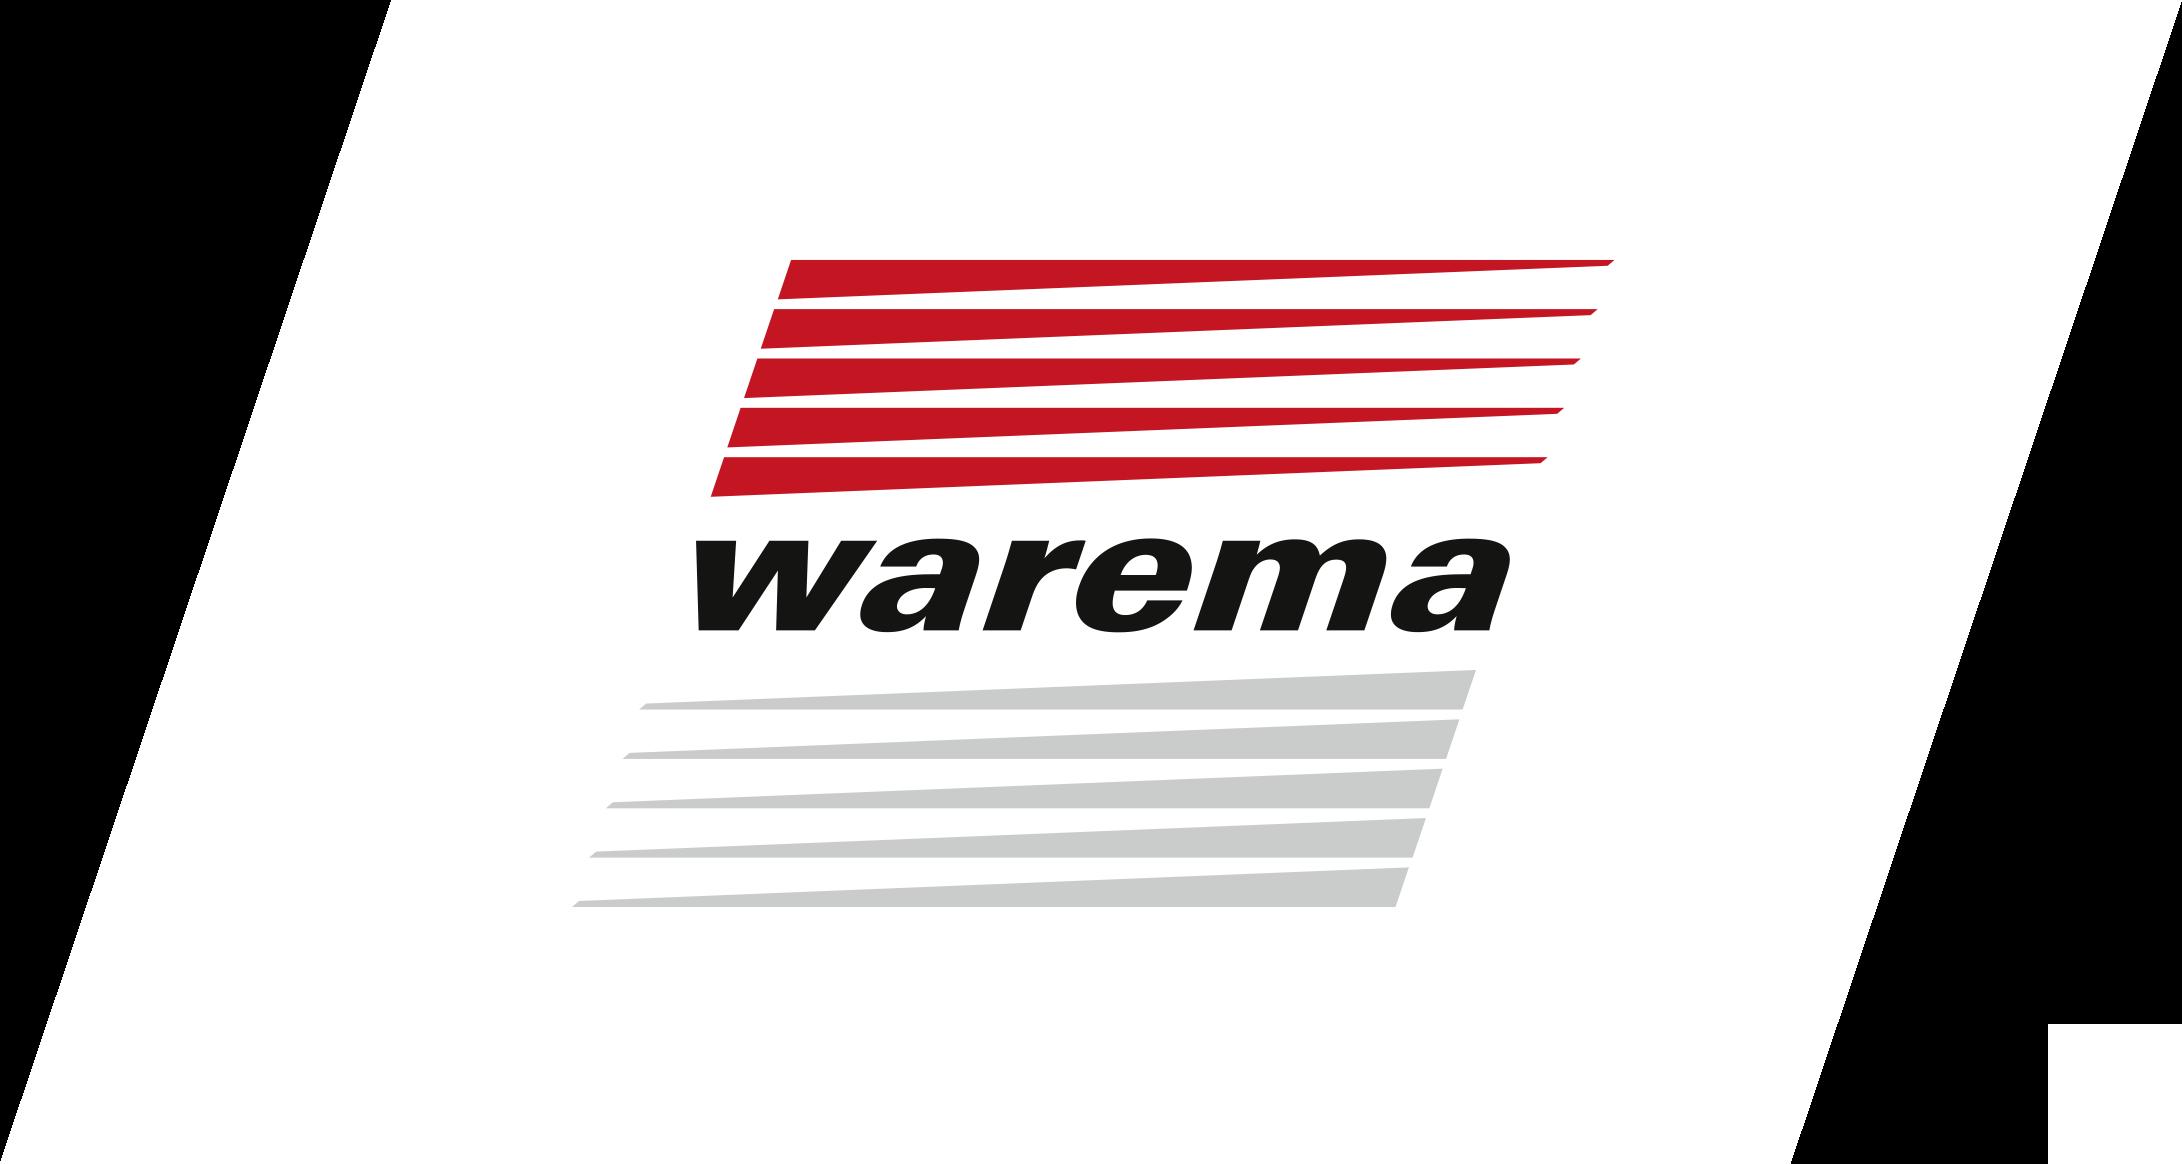 warema-logo